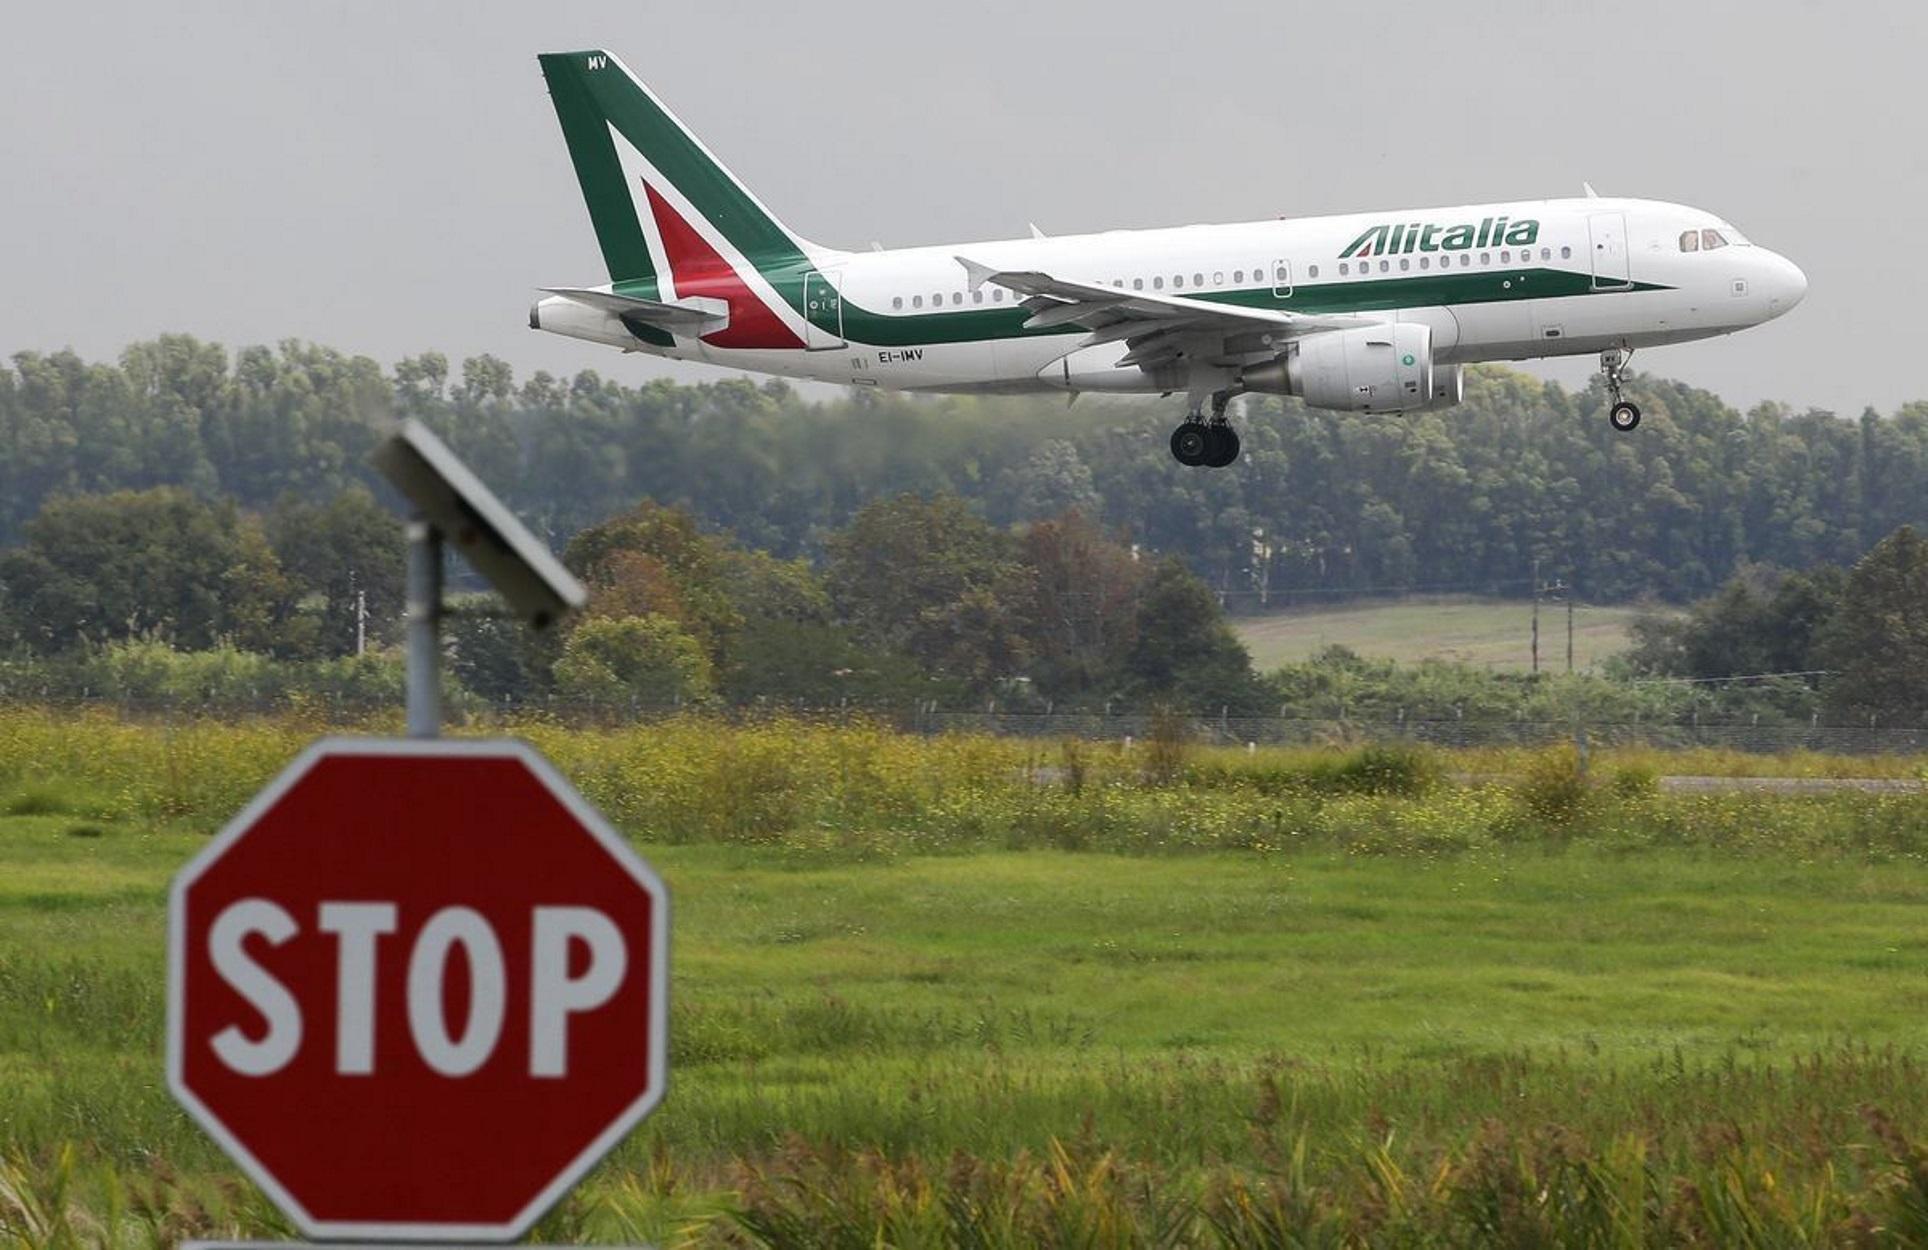 Τέλος εποχής για την Alitalia – Έρχεται η Ita